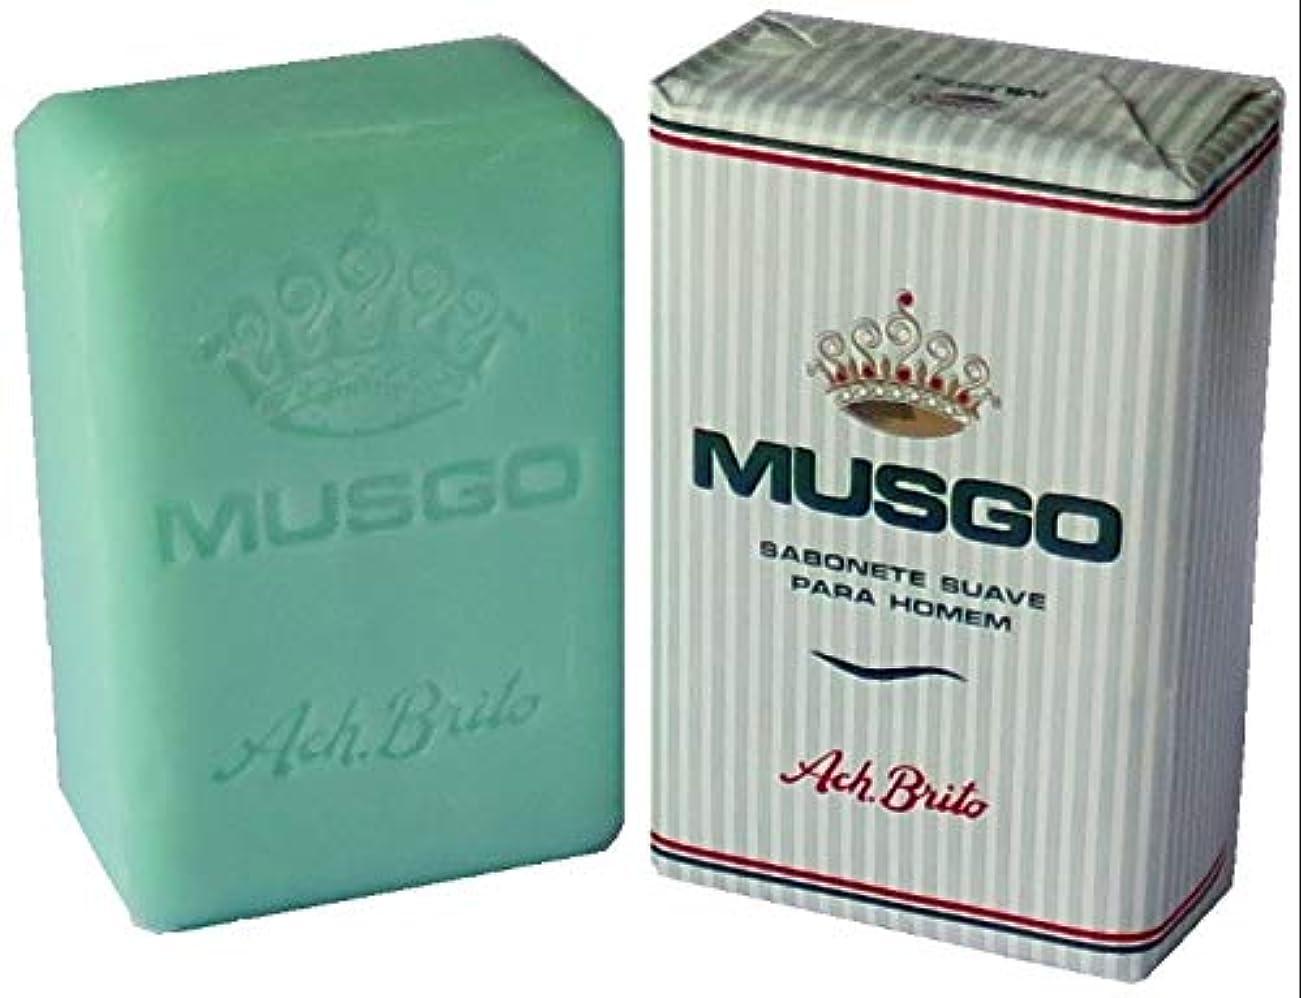 首相幻影選択Musgo Real Body Soap 「ロイヤルモス」 ボディソープバー 160g [並行輸入品]